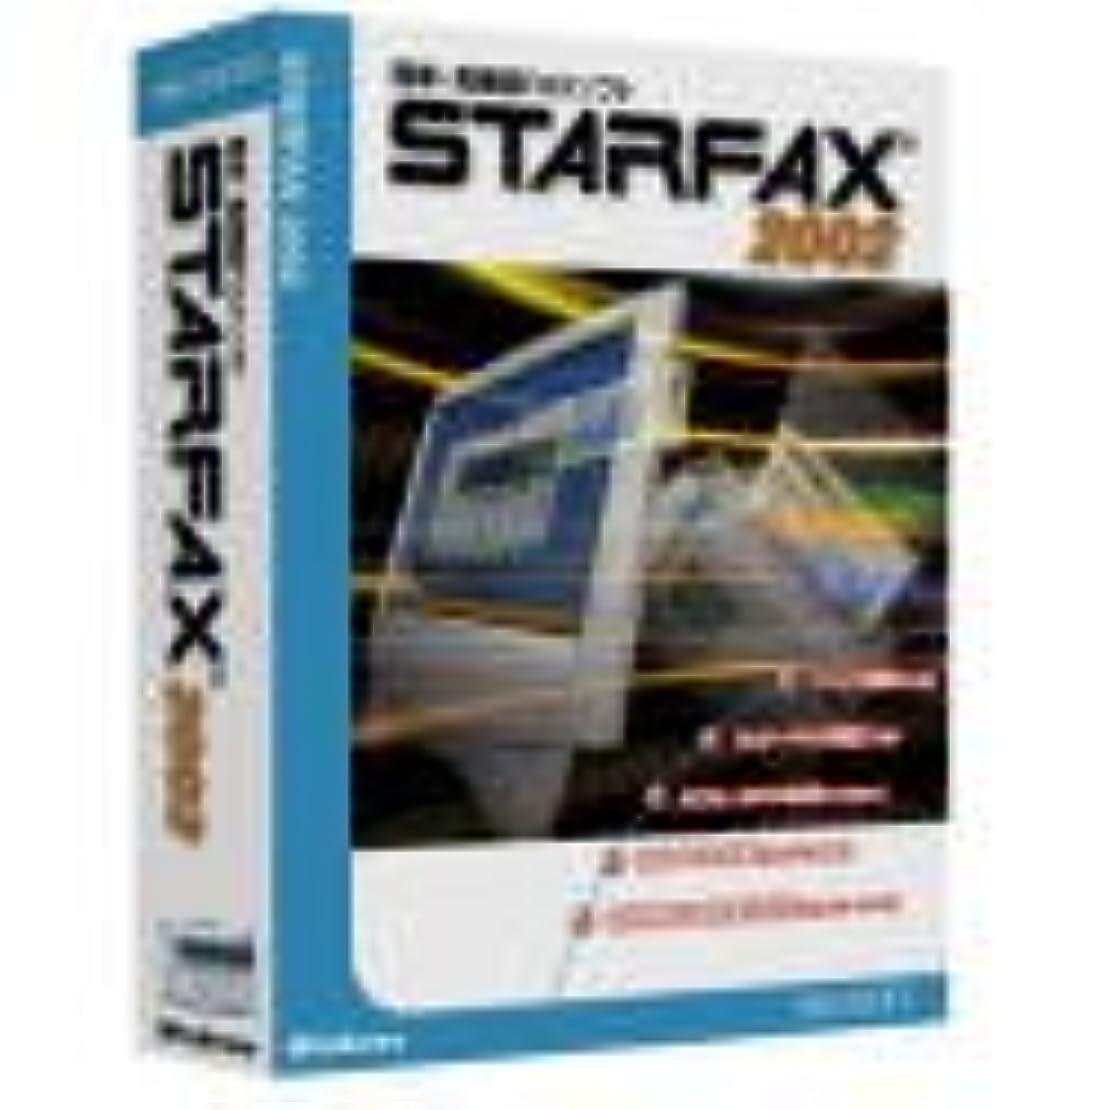 テラス登録枯渇STARFAX 2002